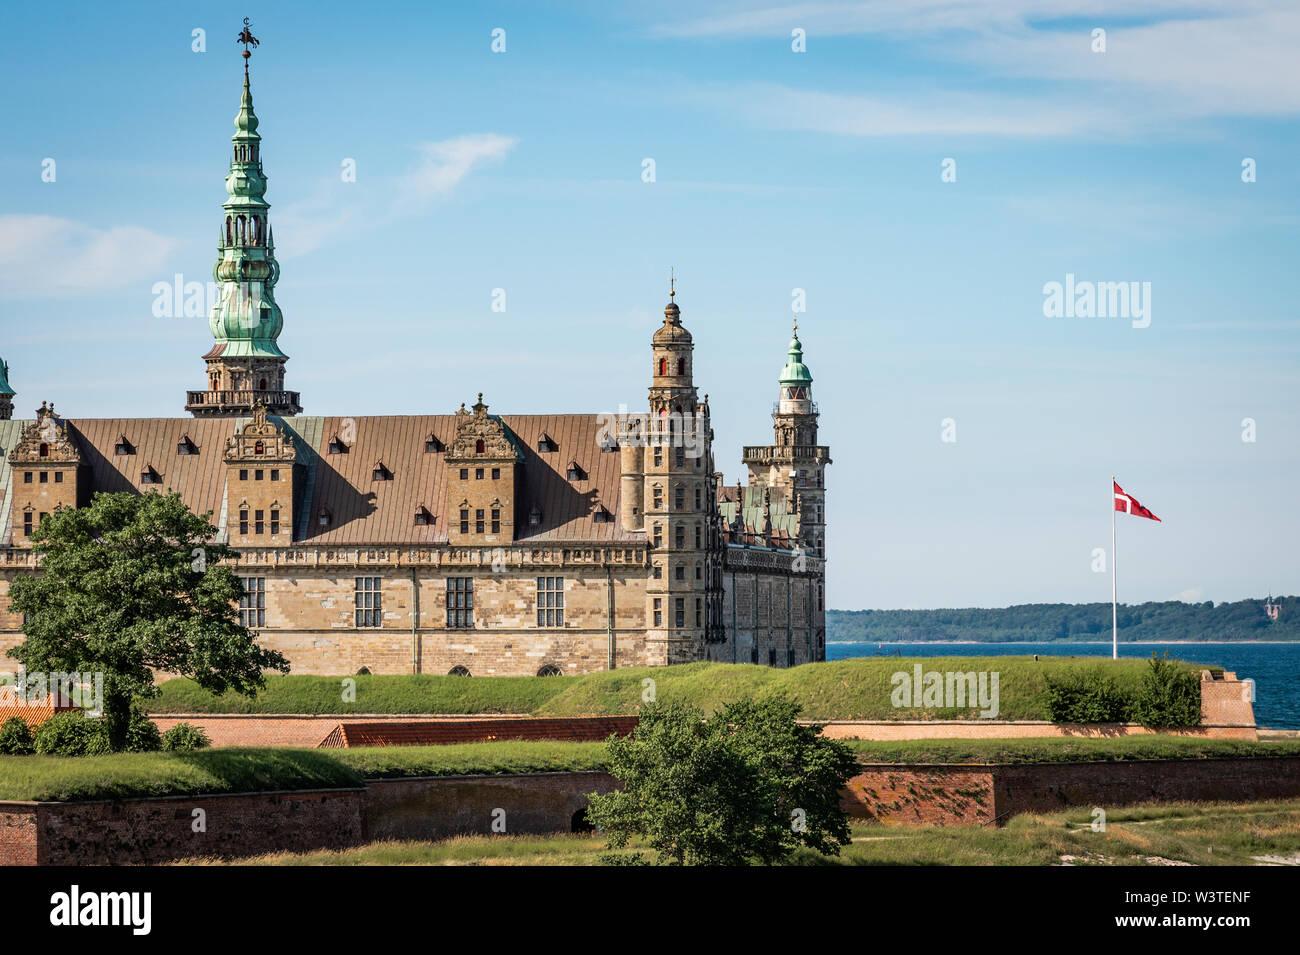 Kronborg Castle an the danish flag in Elsinore, Denmark, June 16, 2019 - Stock Image